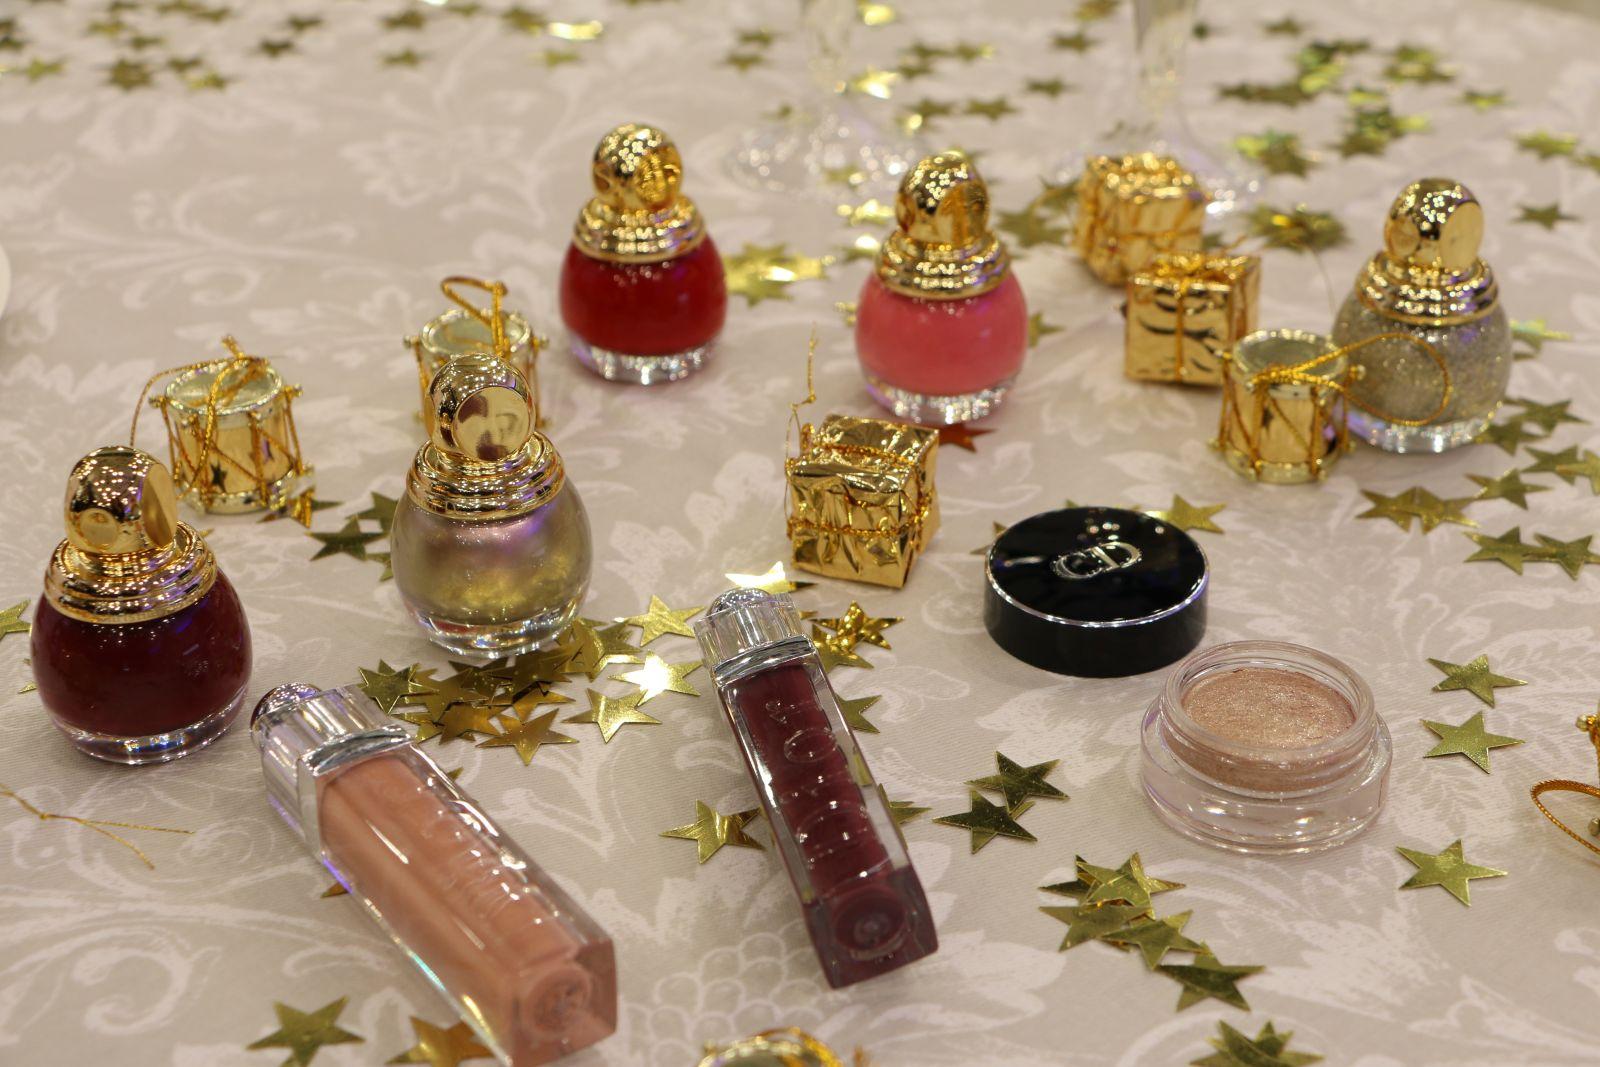 Как по мне, изюминкой коллекции Dior State of Gold 2015/16 можно смело назвать эти удивительные «елочные шарики» - лаки для ногтей Diorific Le Vernis, представленные в 4 богатых оттенках: стальной хамелеон 227 Gris-or, розовый пастель 454 Secret, красный 951 Passion и винный 991 Mystere. В коллекцию также входит золотой глиттер State of Gold, который привнесет в праздничный маникюр драгоценный лоск.